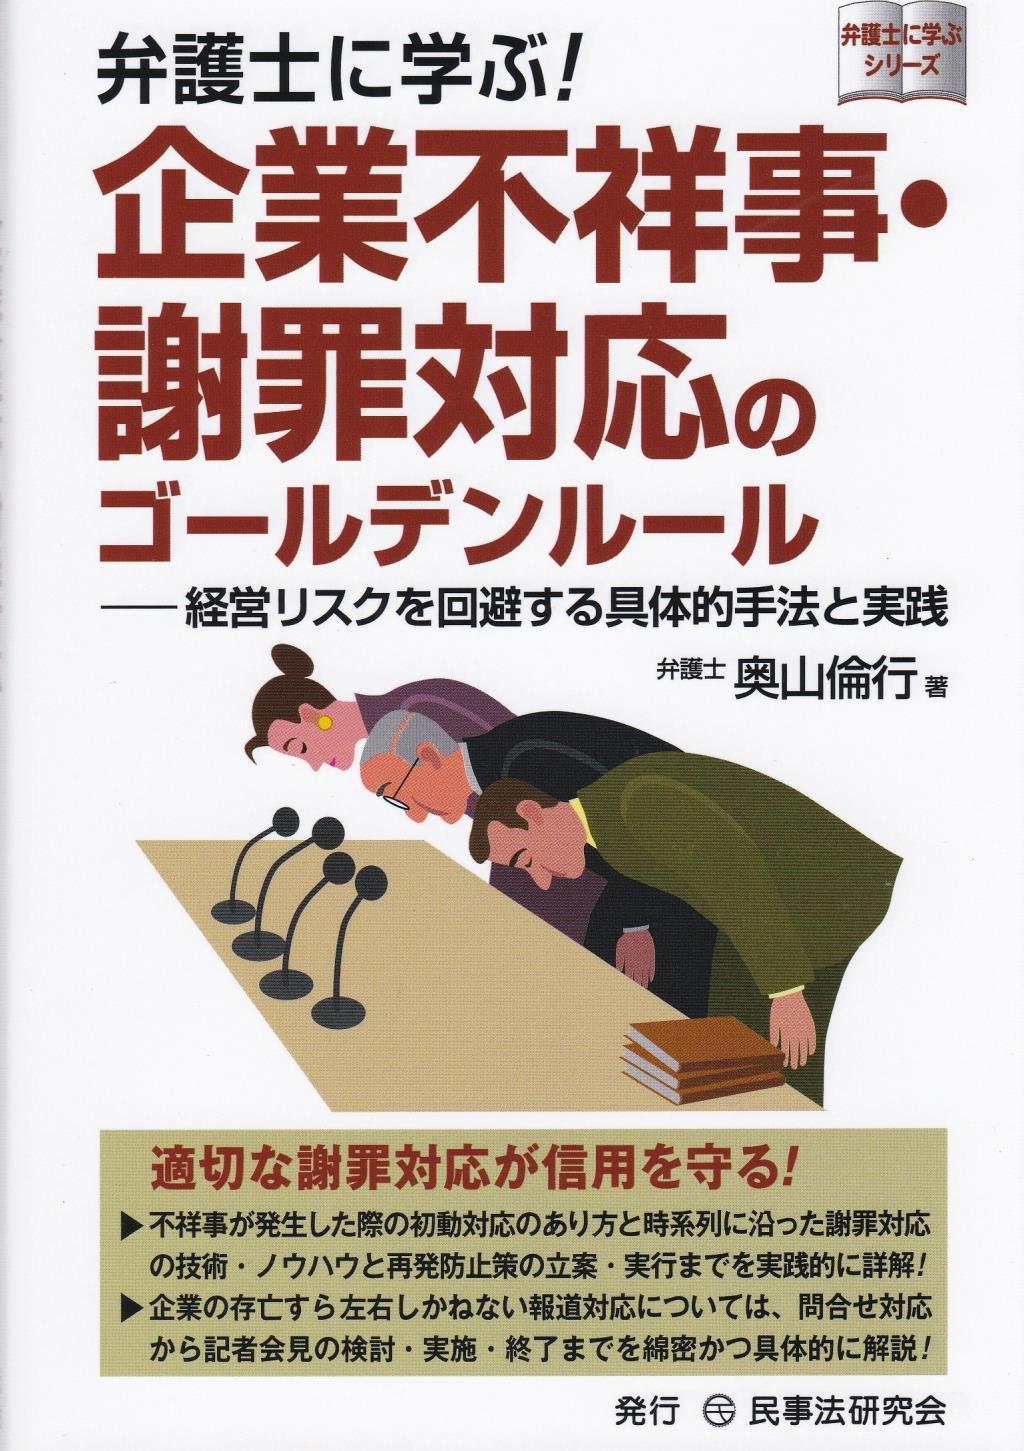 弁護士に学ぶ!企業不祥事・謝罪対応のゴールデンルール